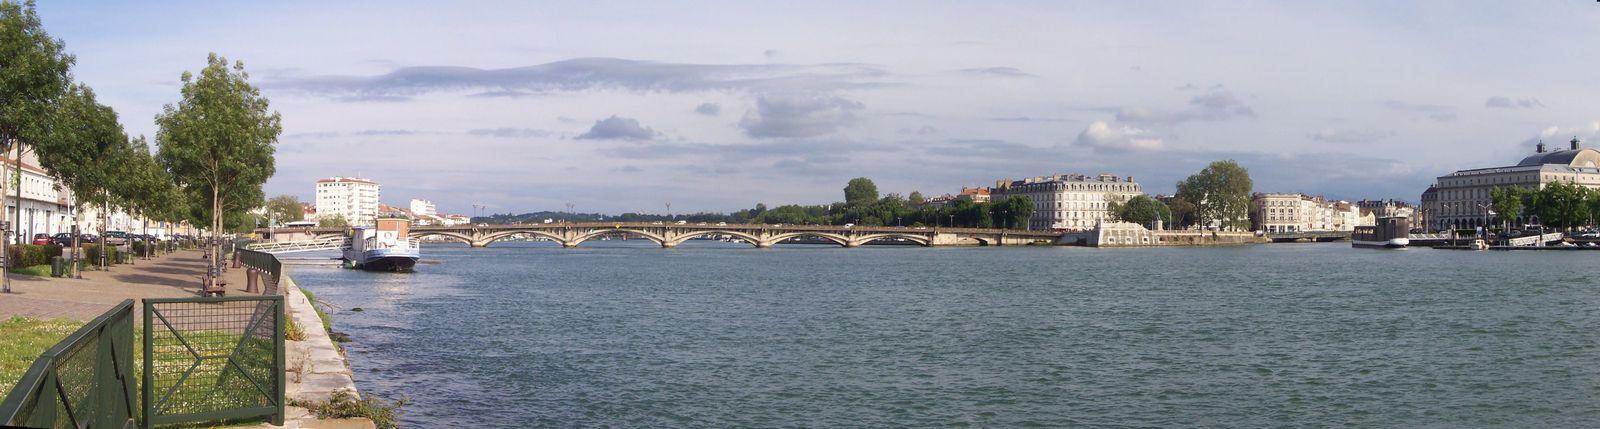 Midi en France à Bayonne